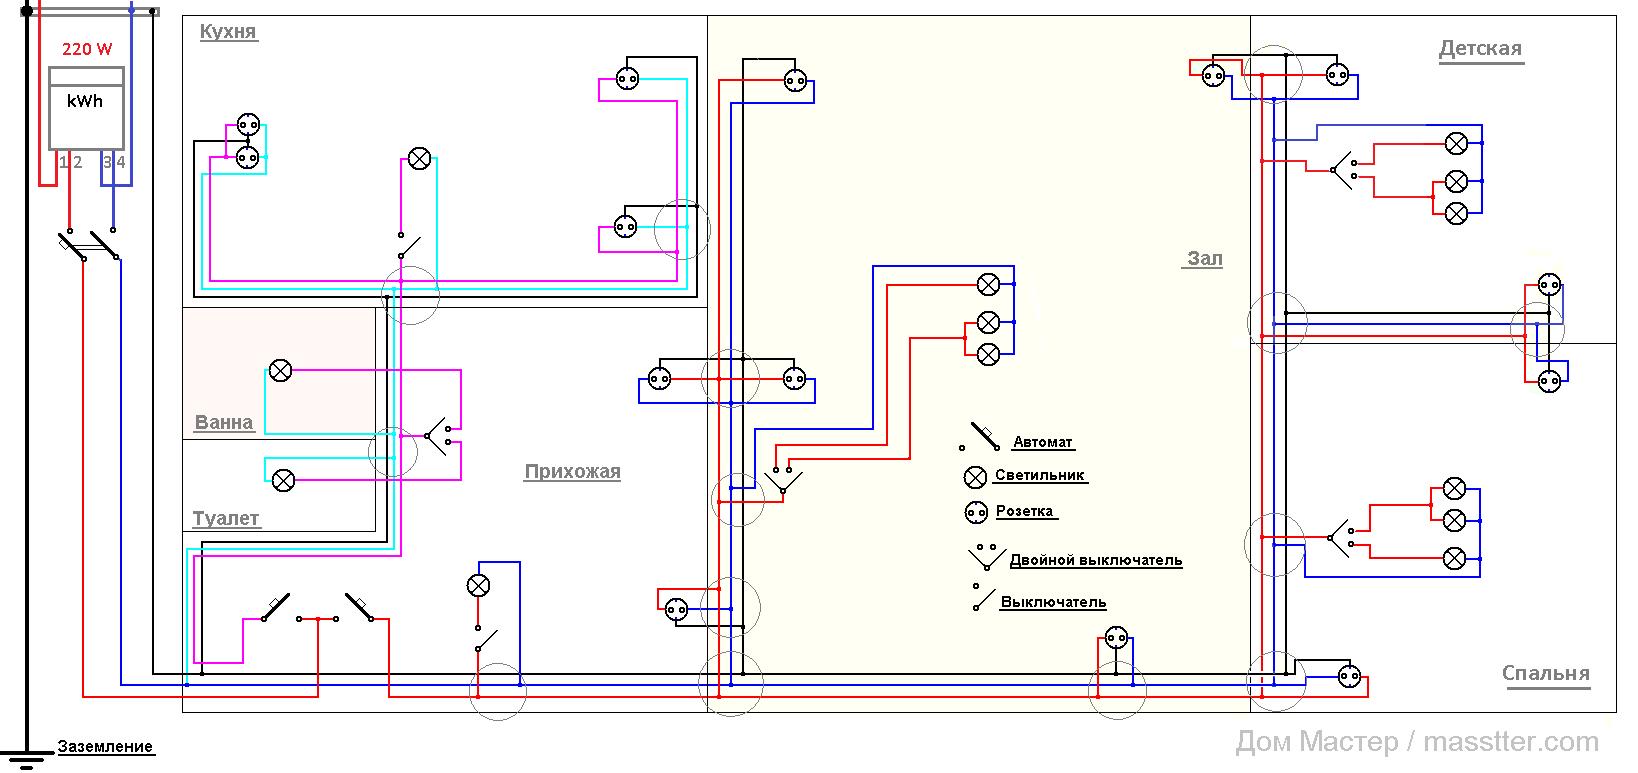 Схемы электропроводки на даче своими руками